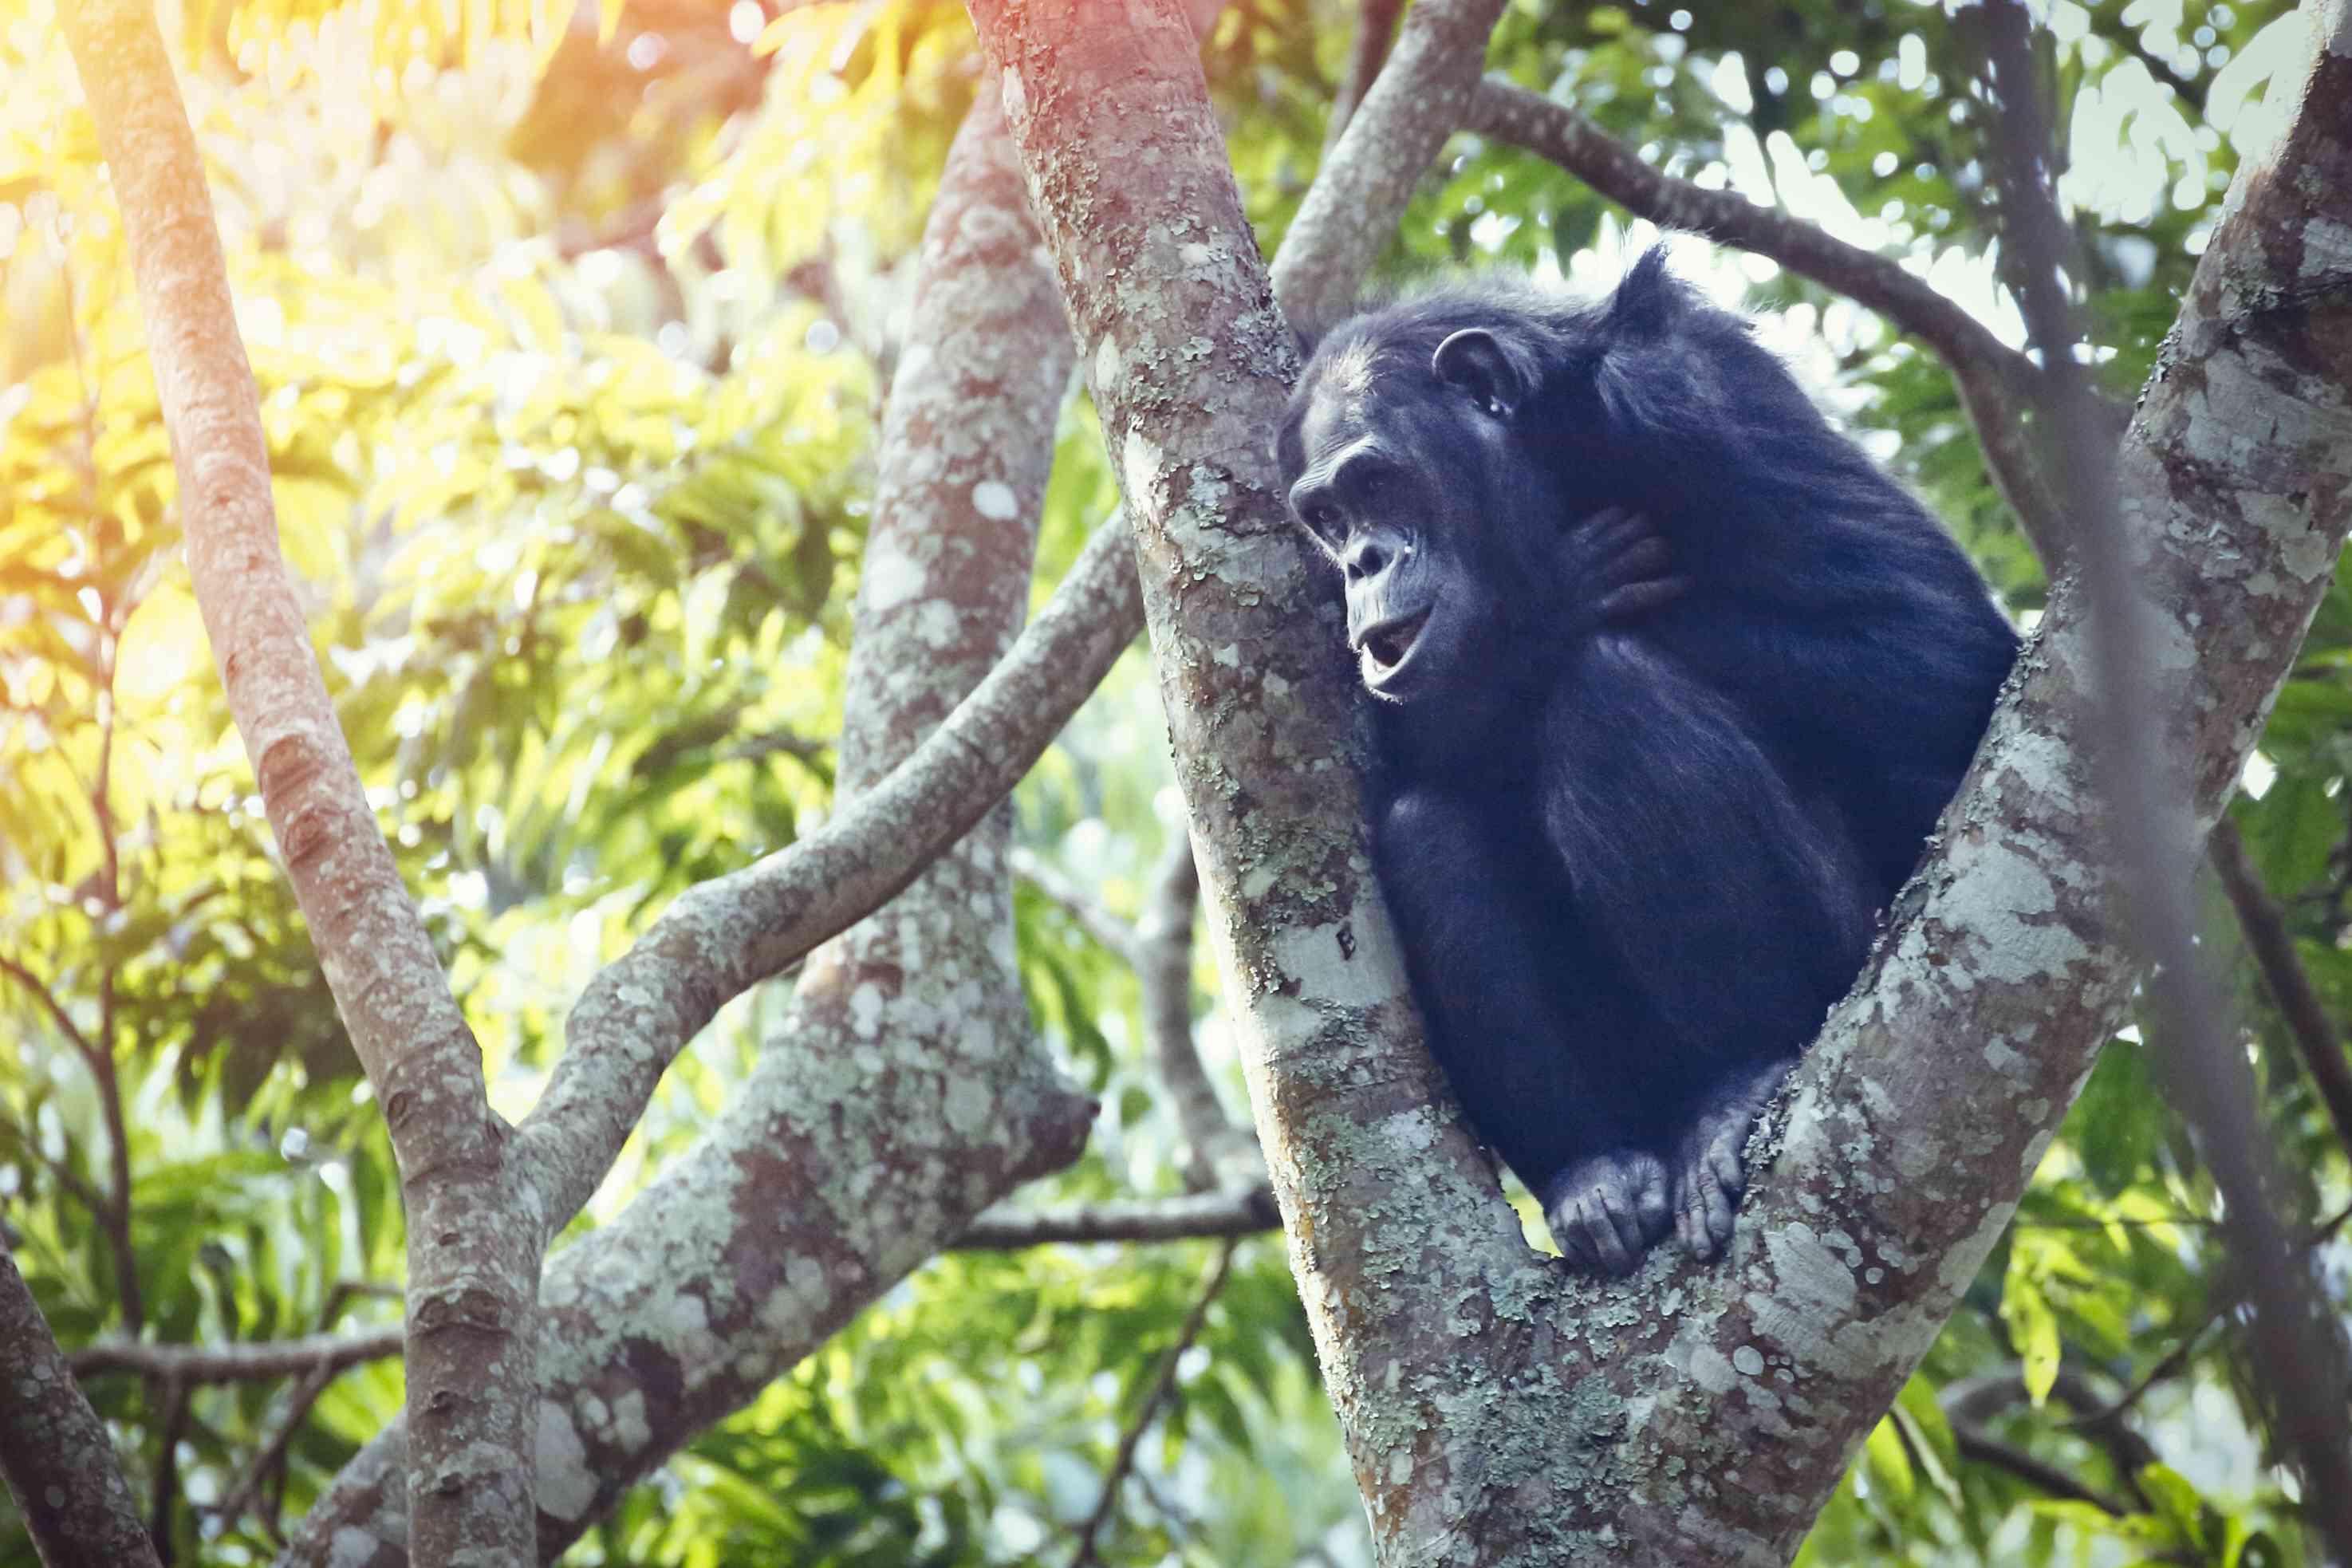 Chimpanzee in Nyungwe Forest National Park, Rwanda